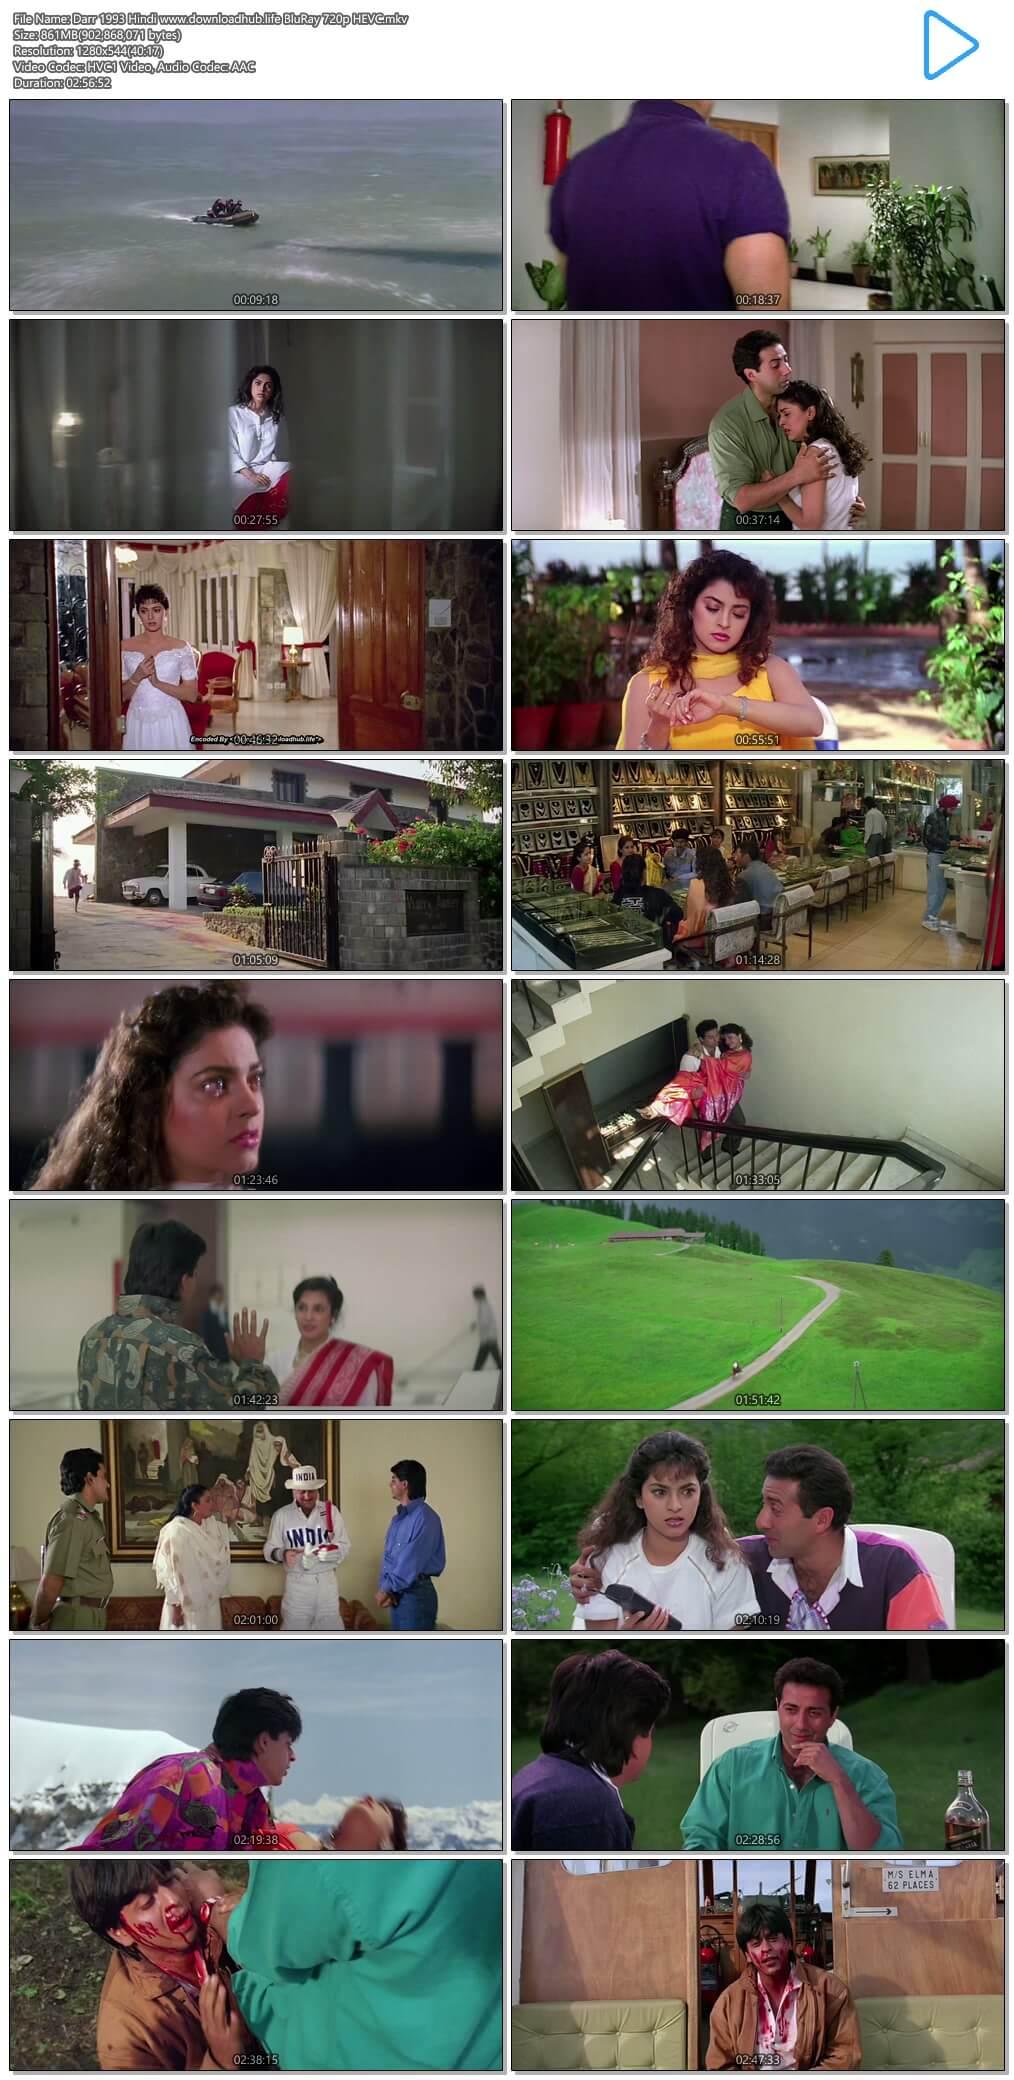 Darr 1993 Hindi 850MB BluRay 720p HEVC